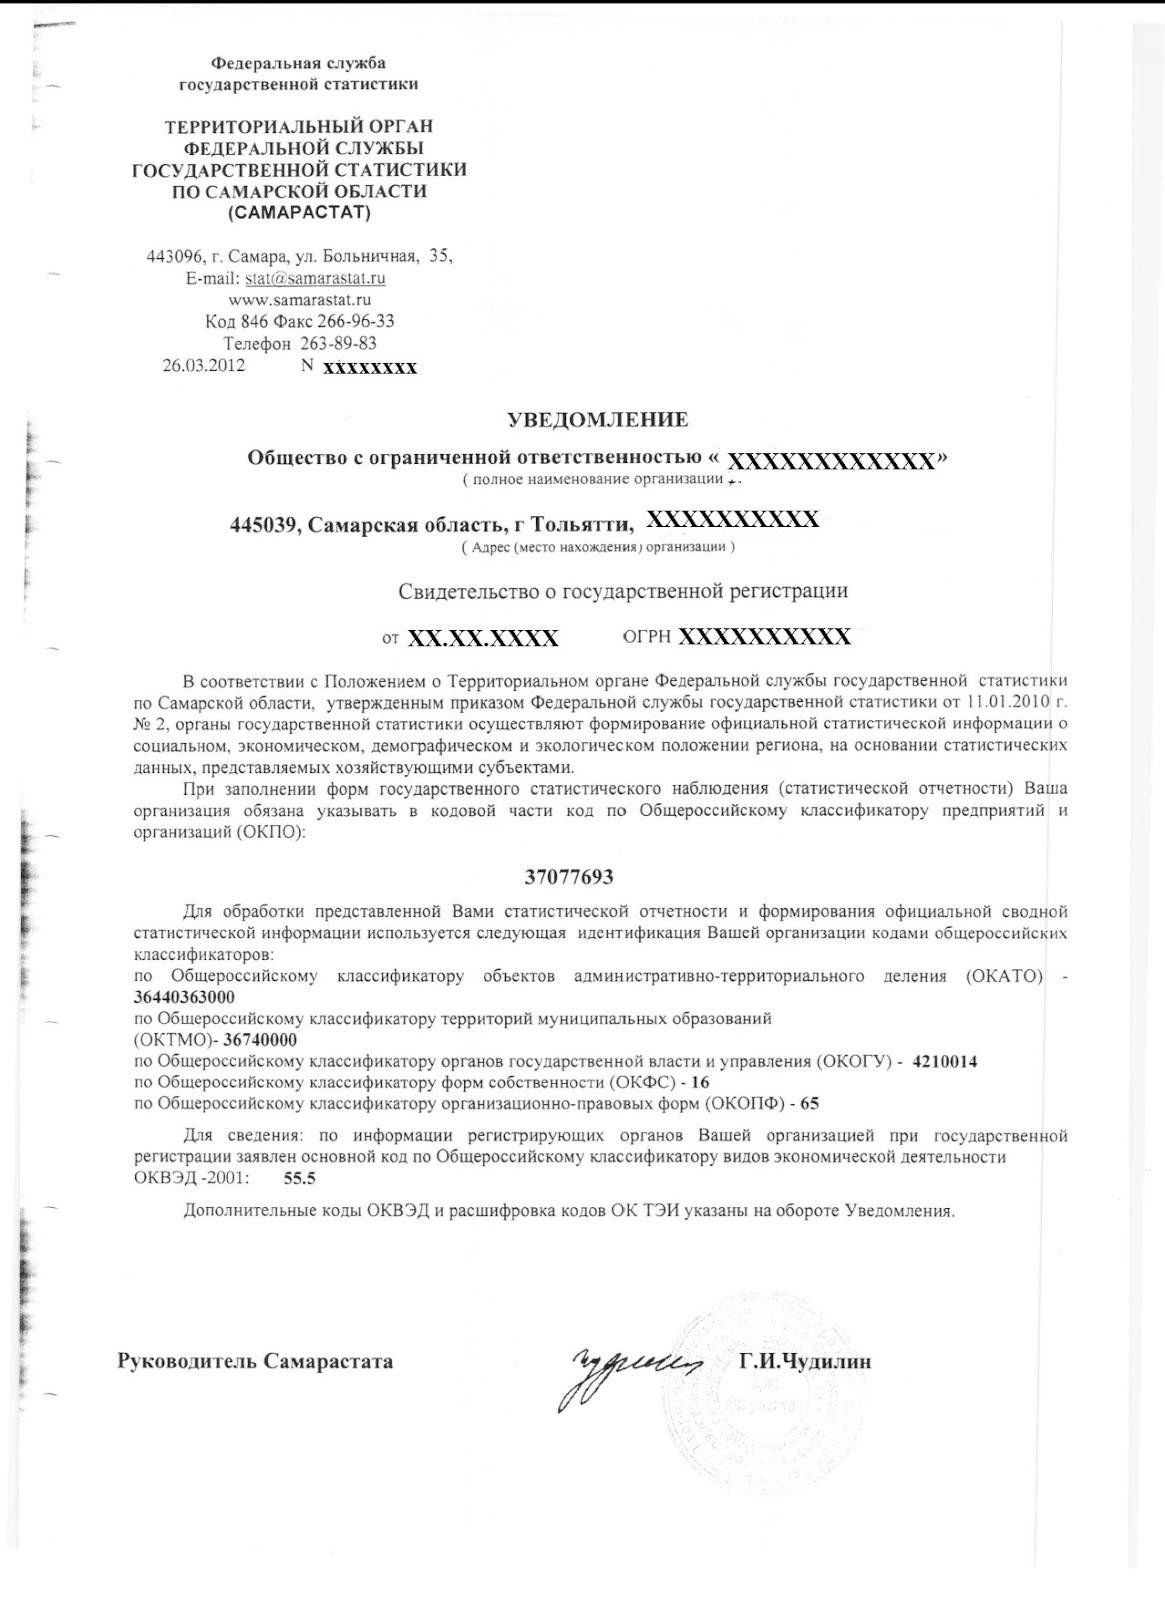 территориальные органы федеральной службы статистики